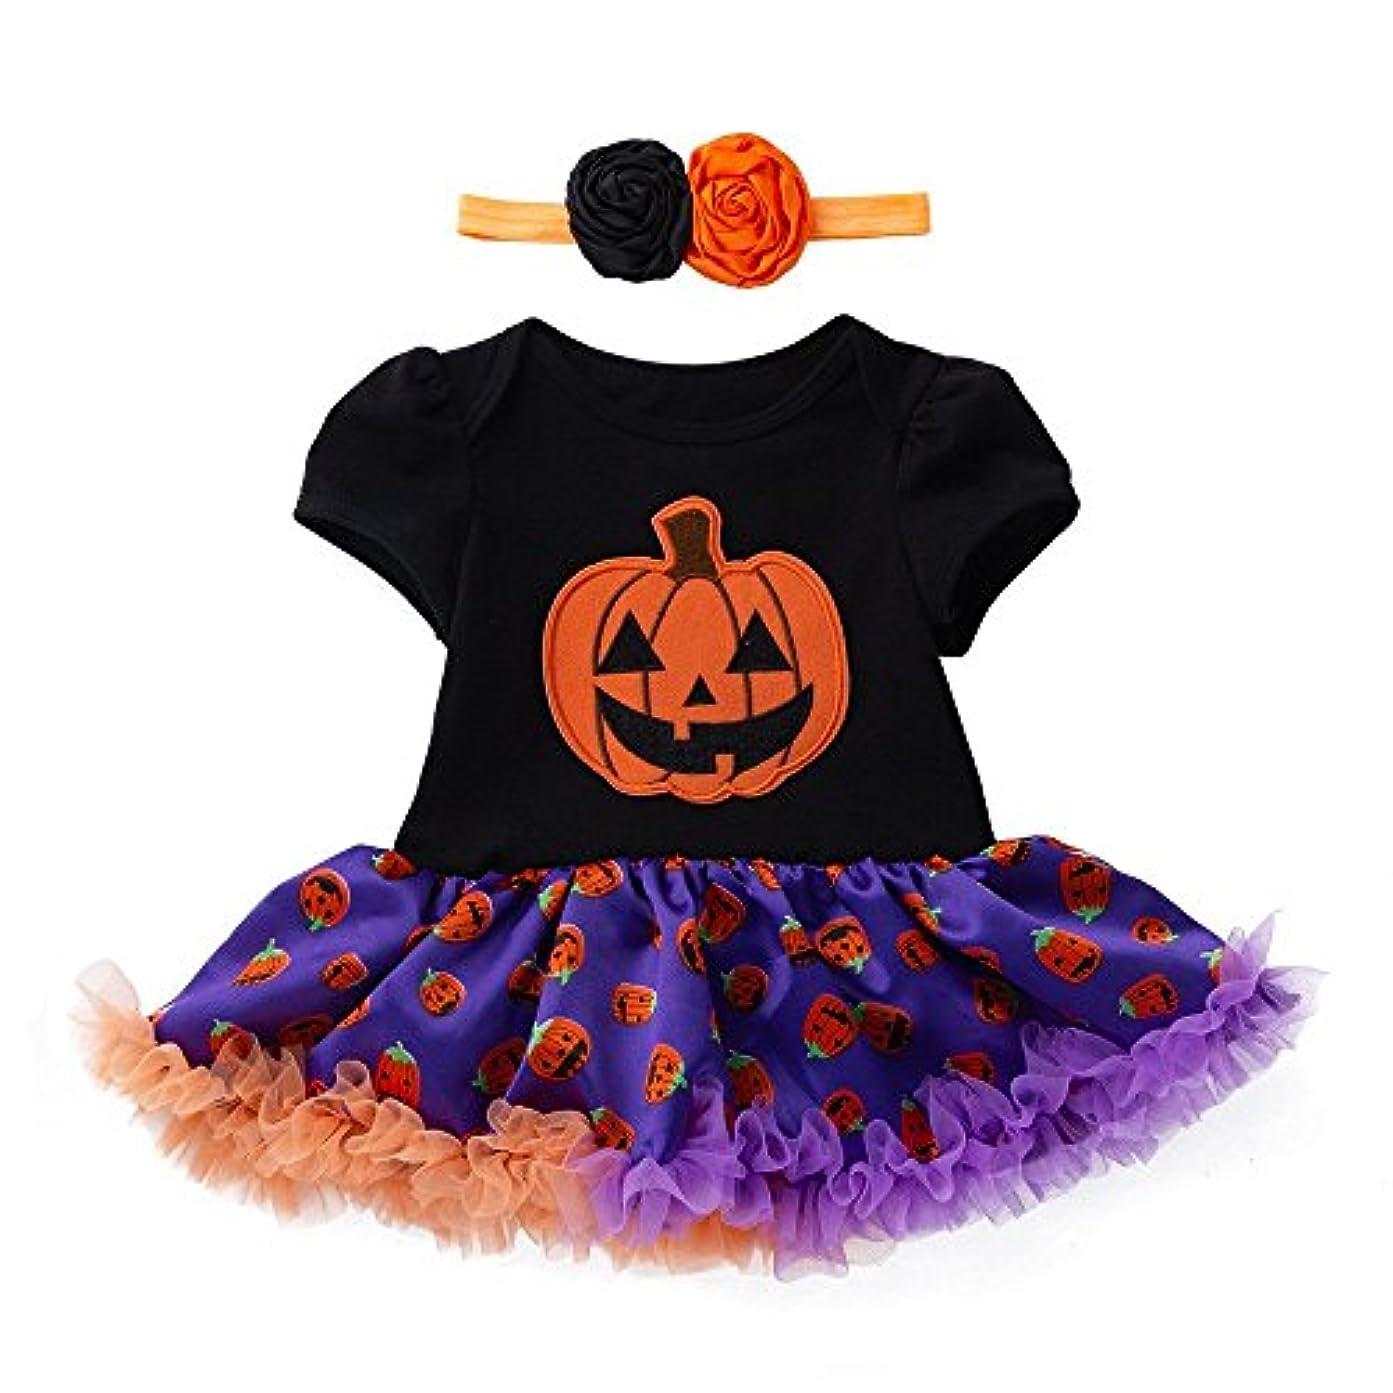 ミキサーやがてチキンBHKK 幼児の女の子かわいいパンプキンの弓のドレス+ヘッドバンドハロウィーンの装飾の服 3ヶ月 - 18ヶ月 イエロー 3ヶ月